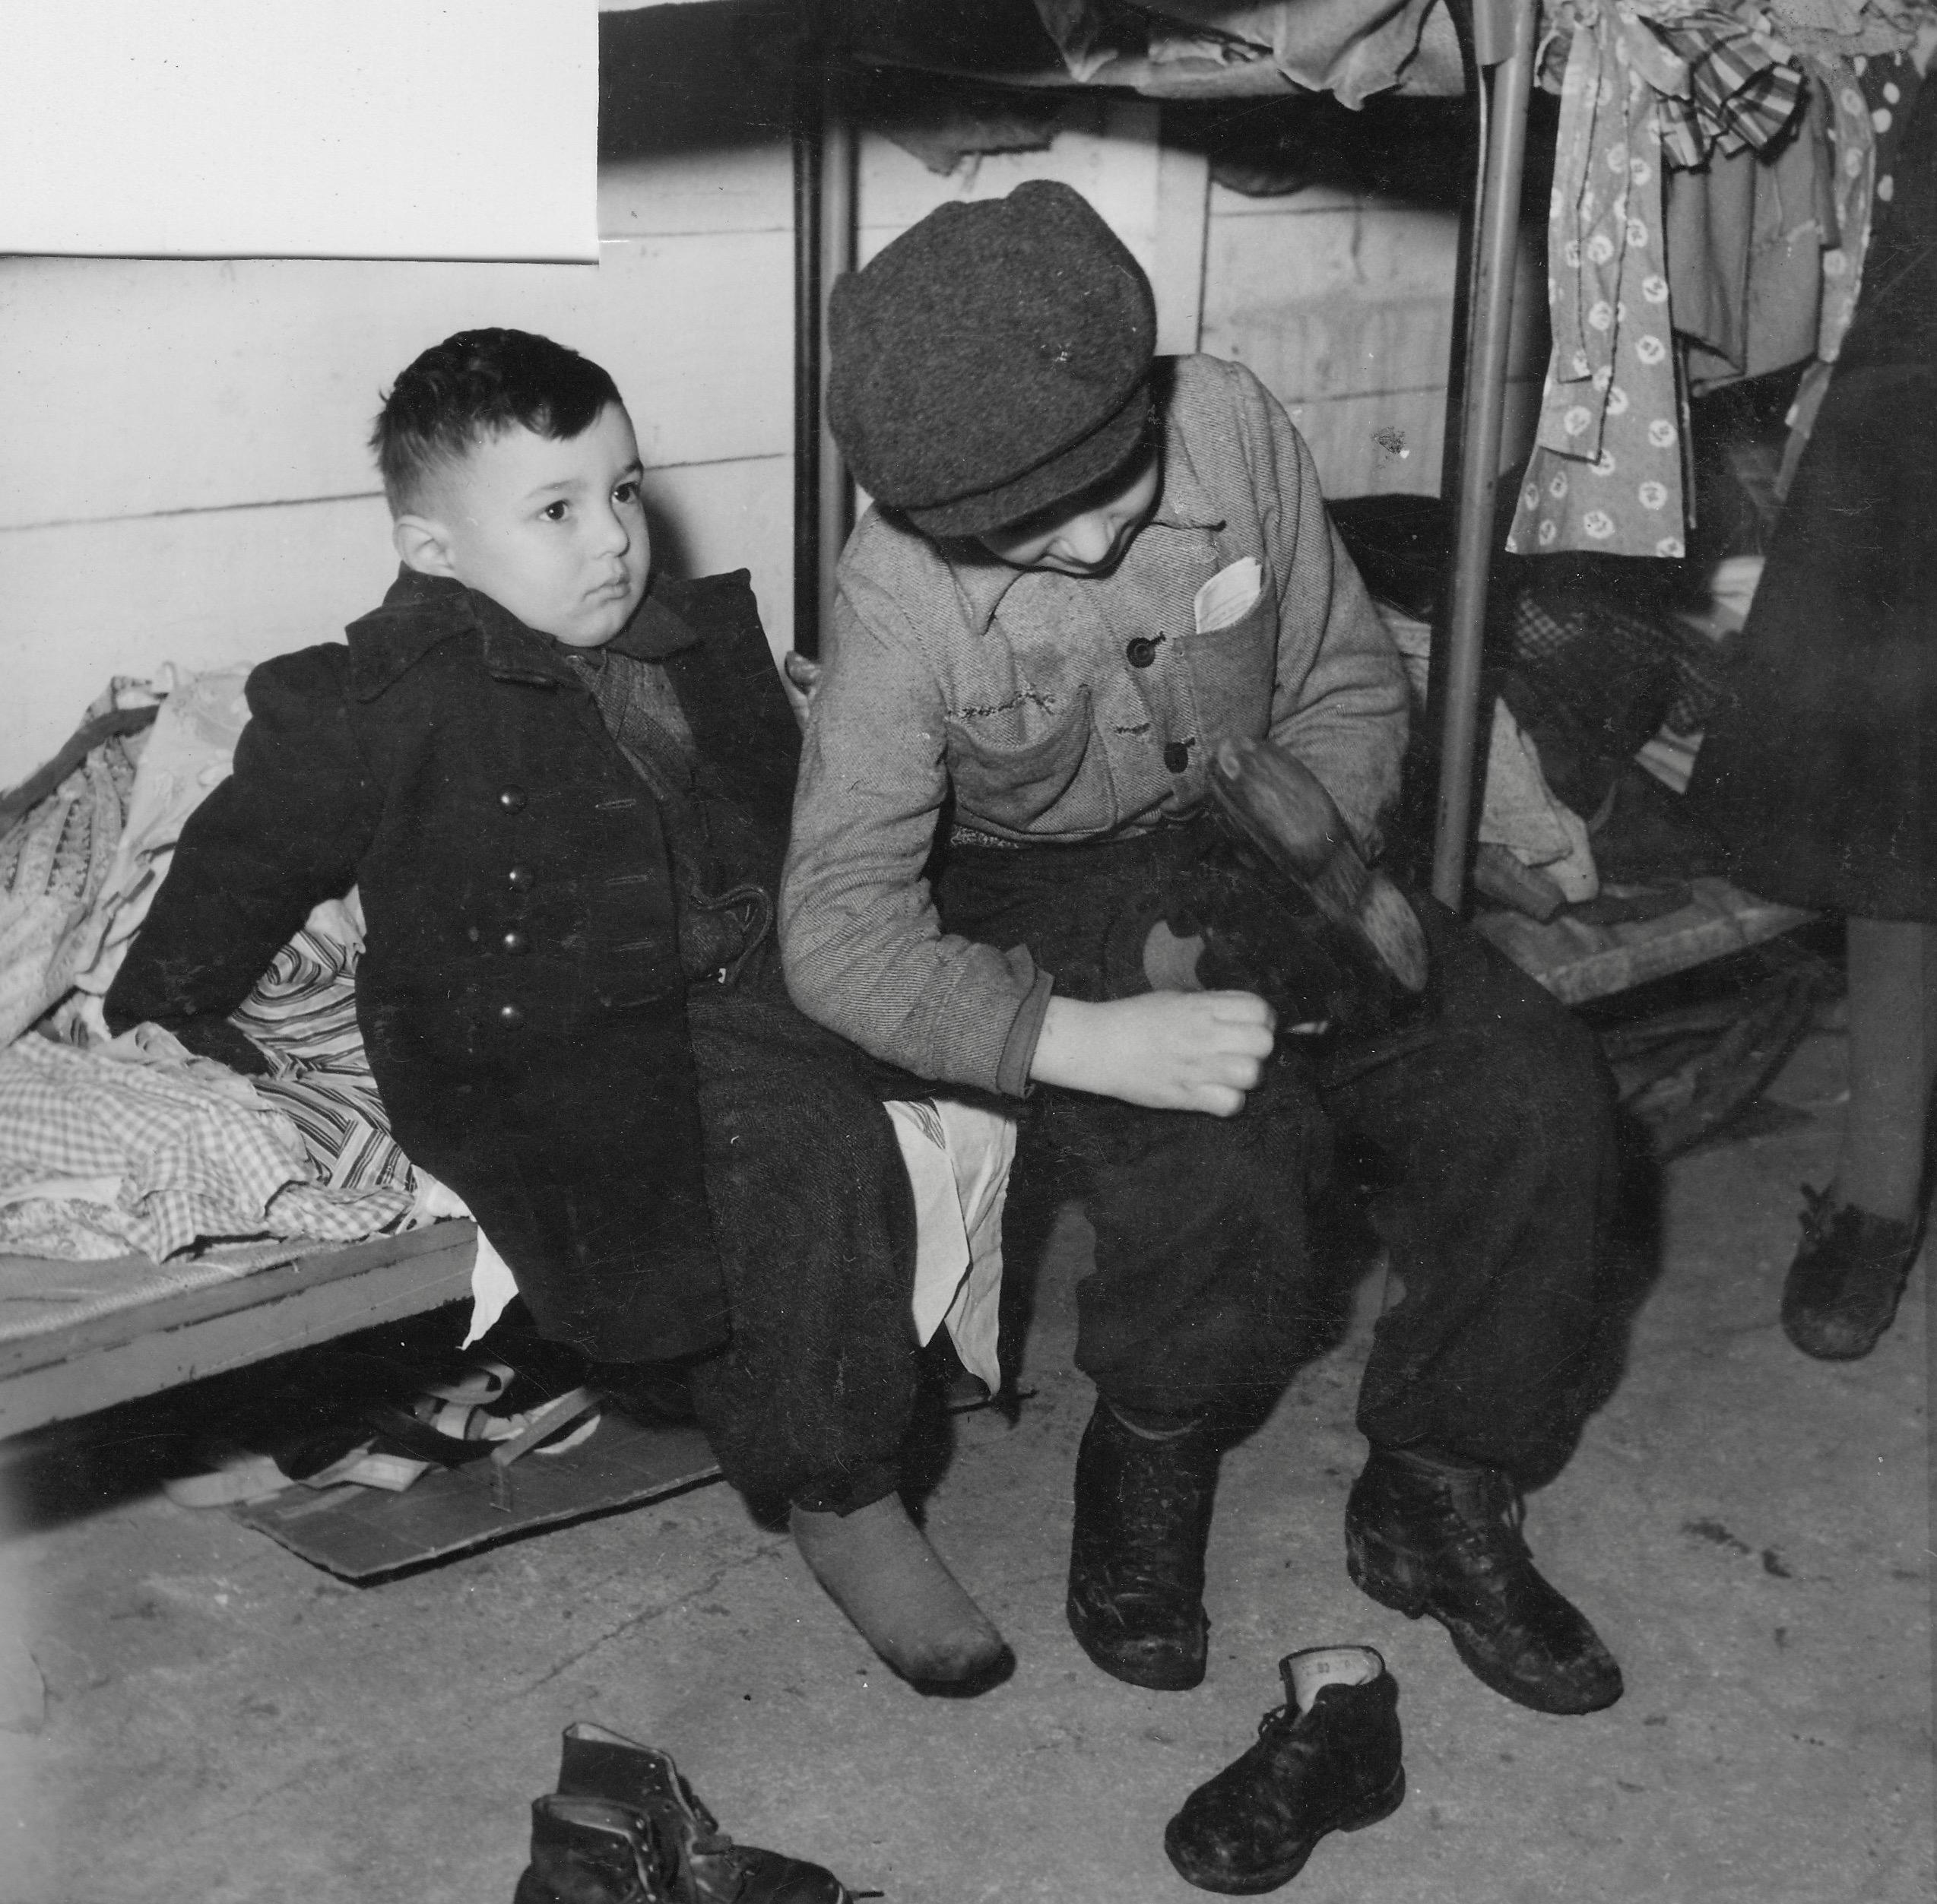 San Sabba shoe distribution, Slava's brother helping 1950-51